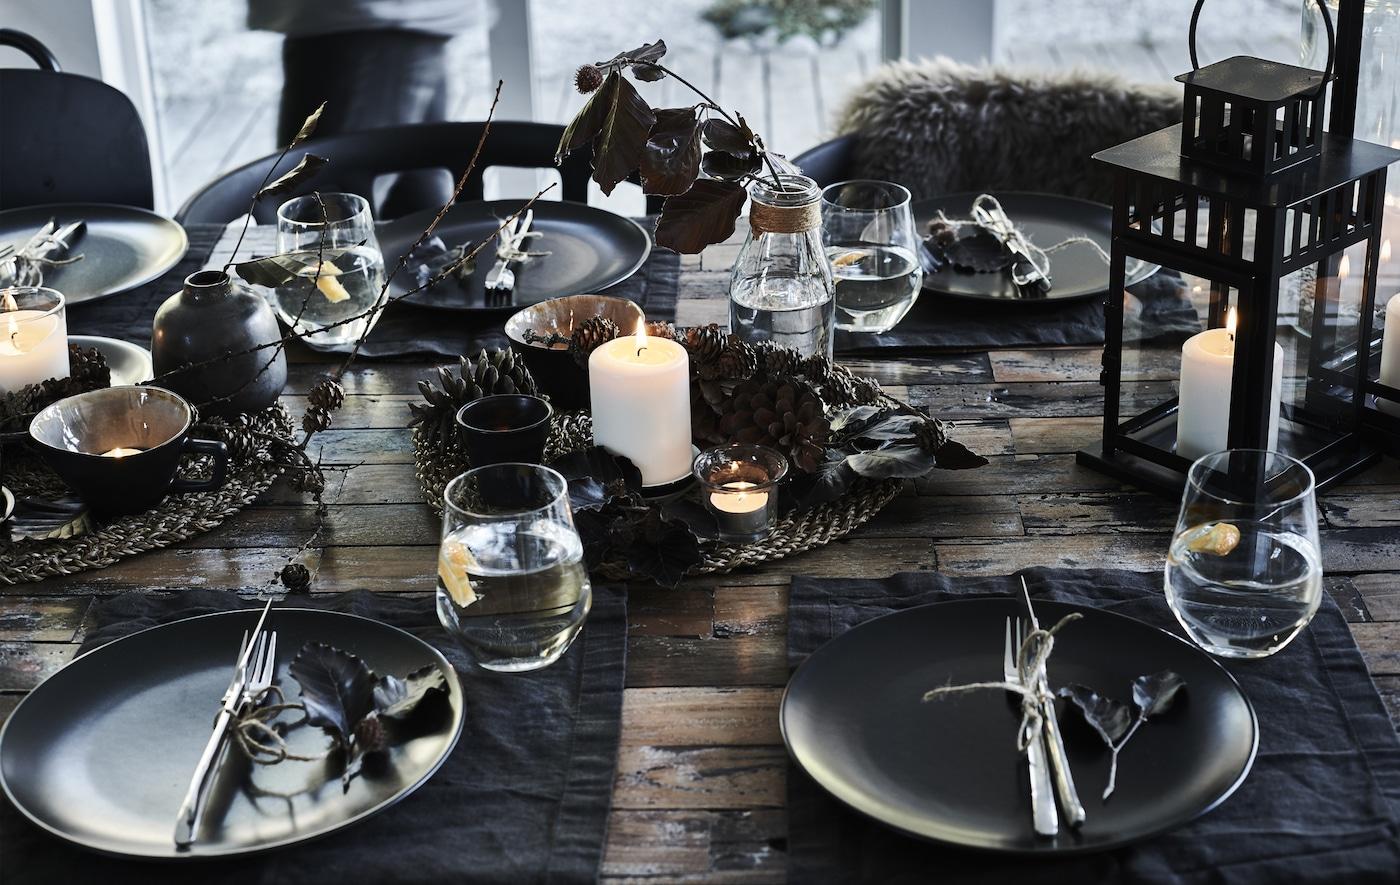 Un aranjament de masă cu materiale naturale şi veselă neagră.